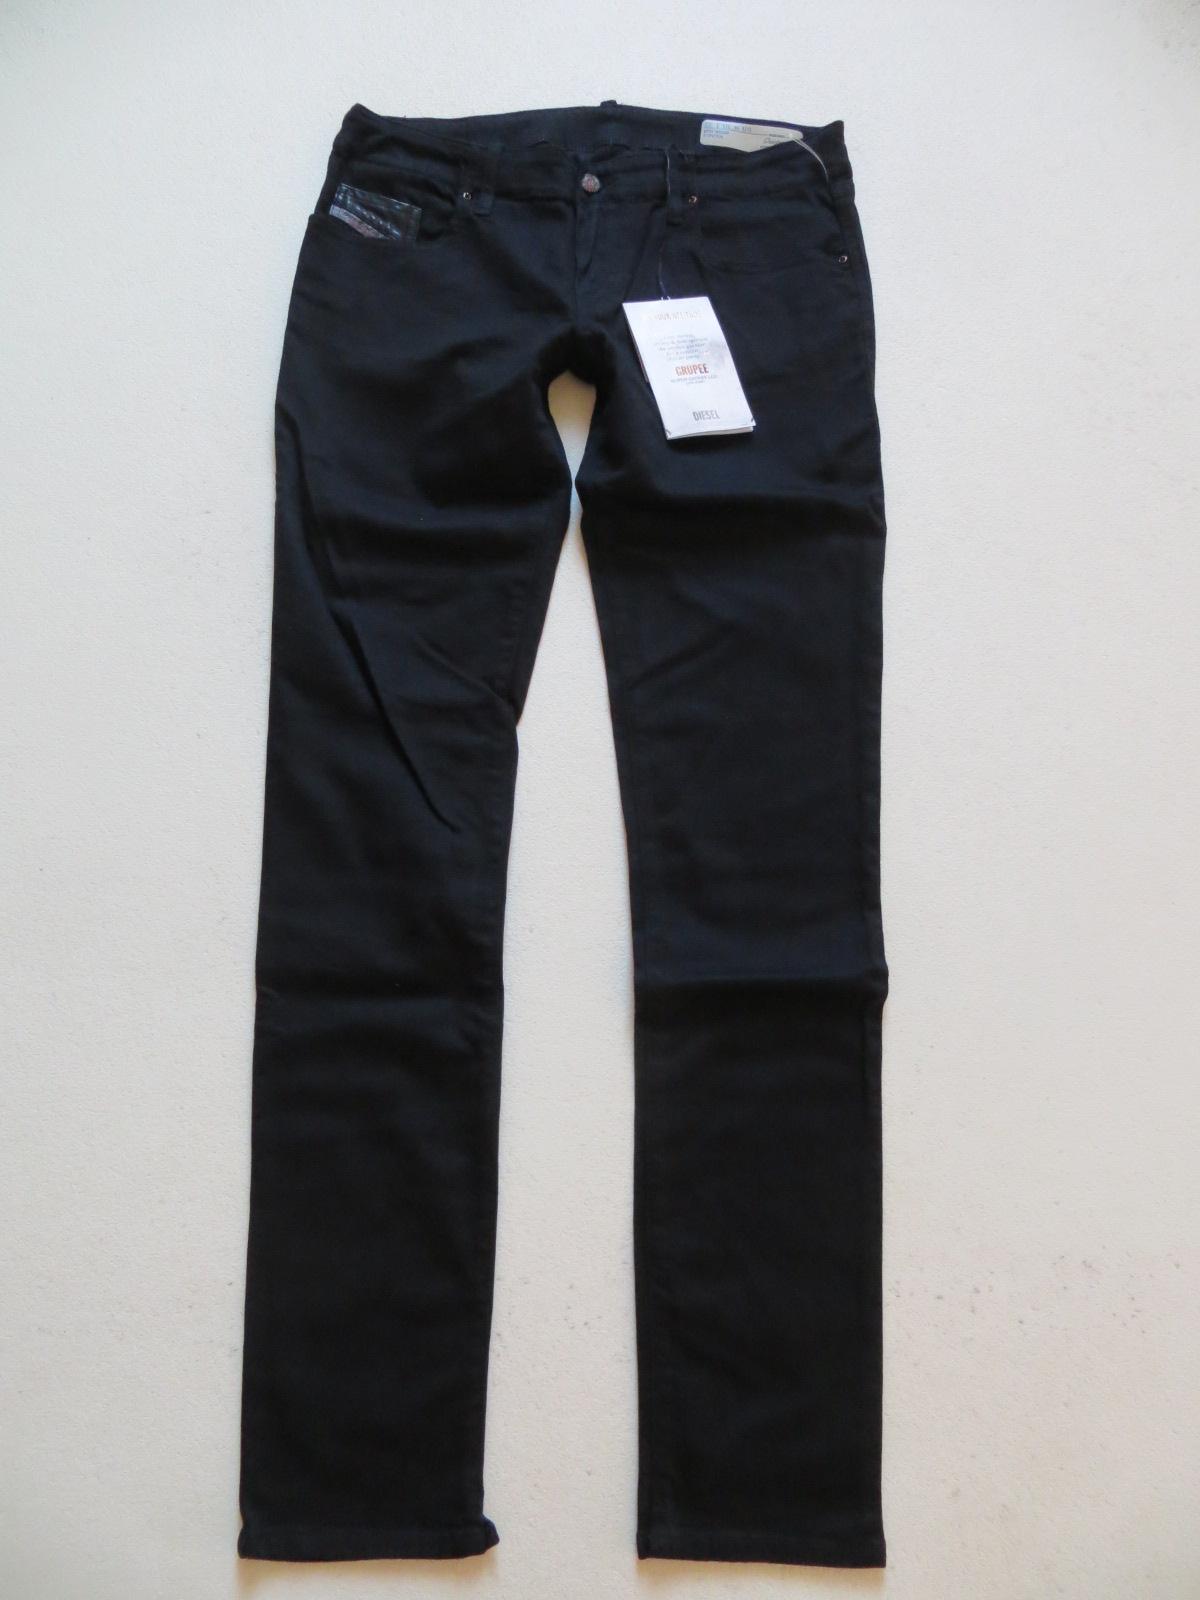 Diesel Damen Jeans Hose Skinny Grupee Super Slim 0800R